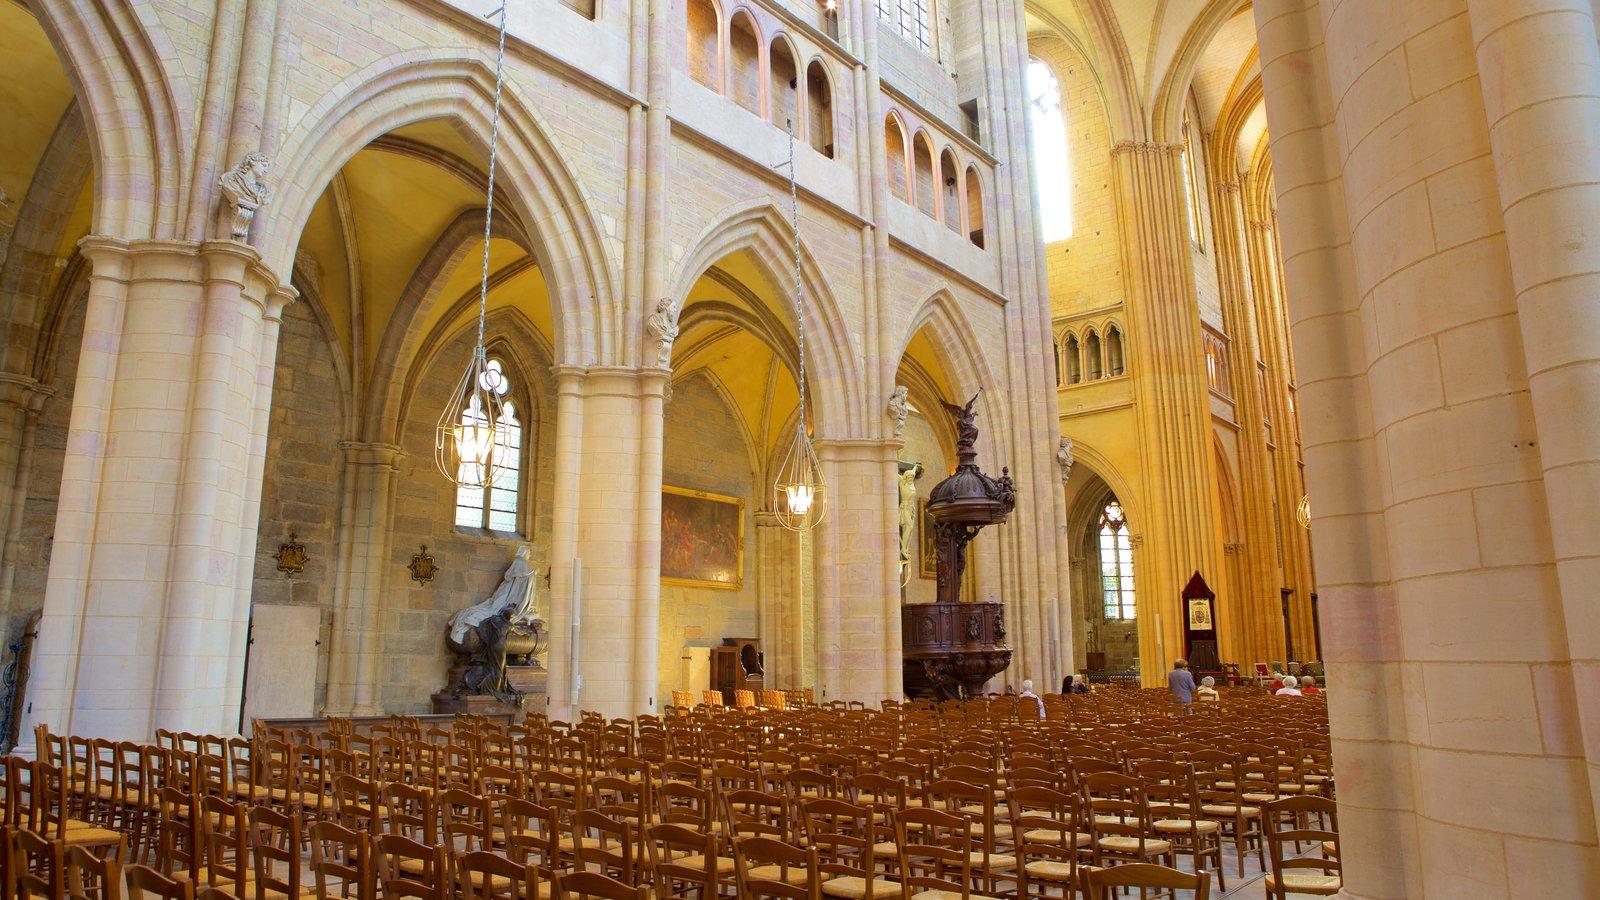 Catedral de Dijon que inclui uma igreja ou catedral, vistas internas e elementos de patrimônio